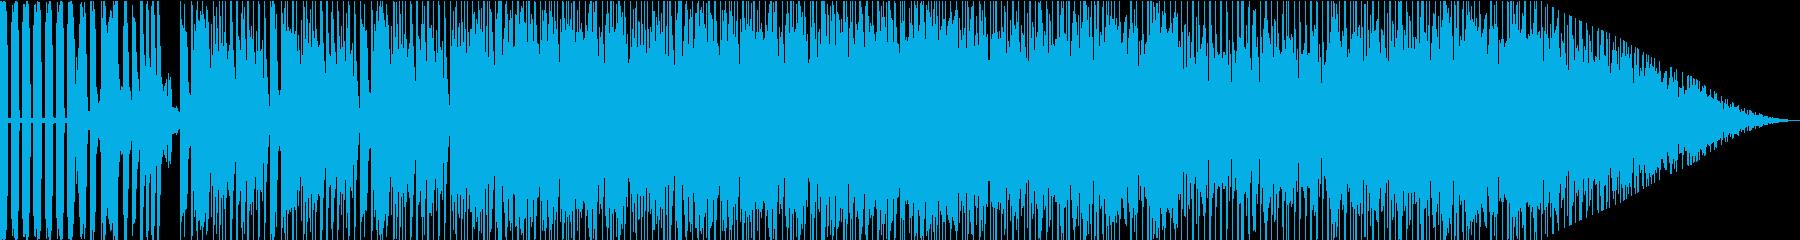 湾岸沿いドライブ疾走感あるユーロビートの再生済みの波形